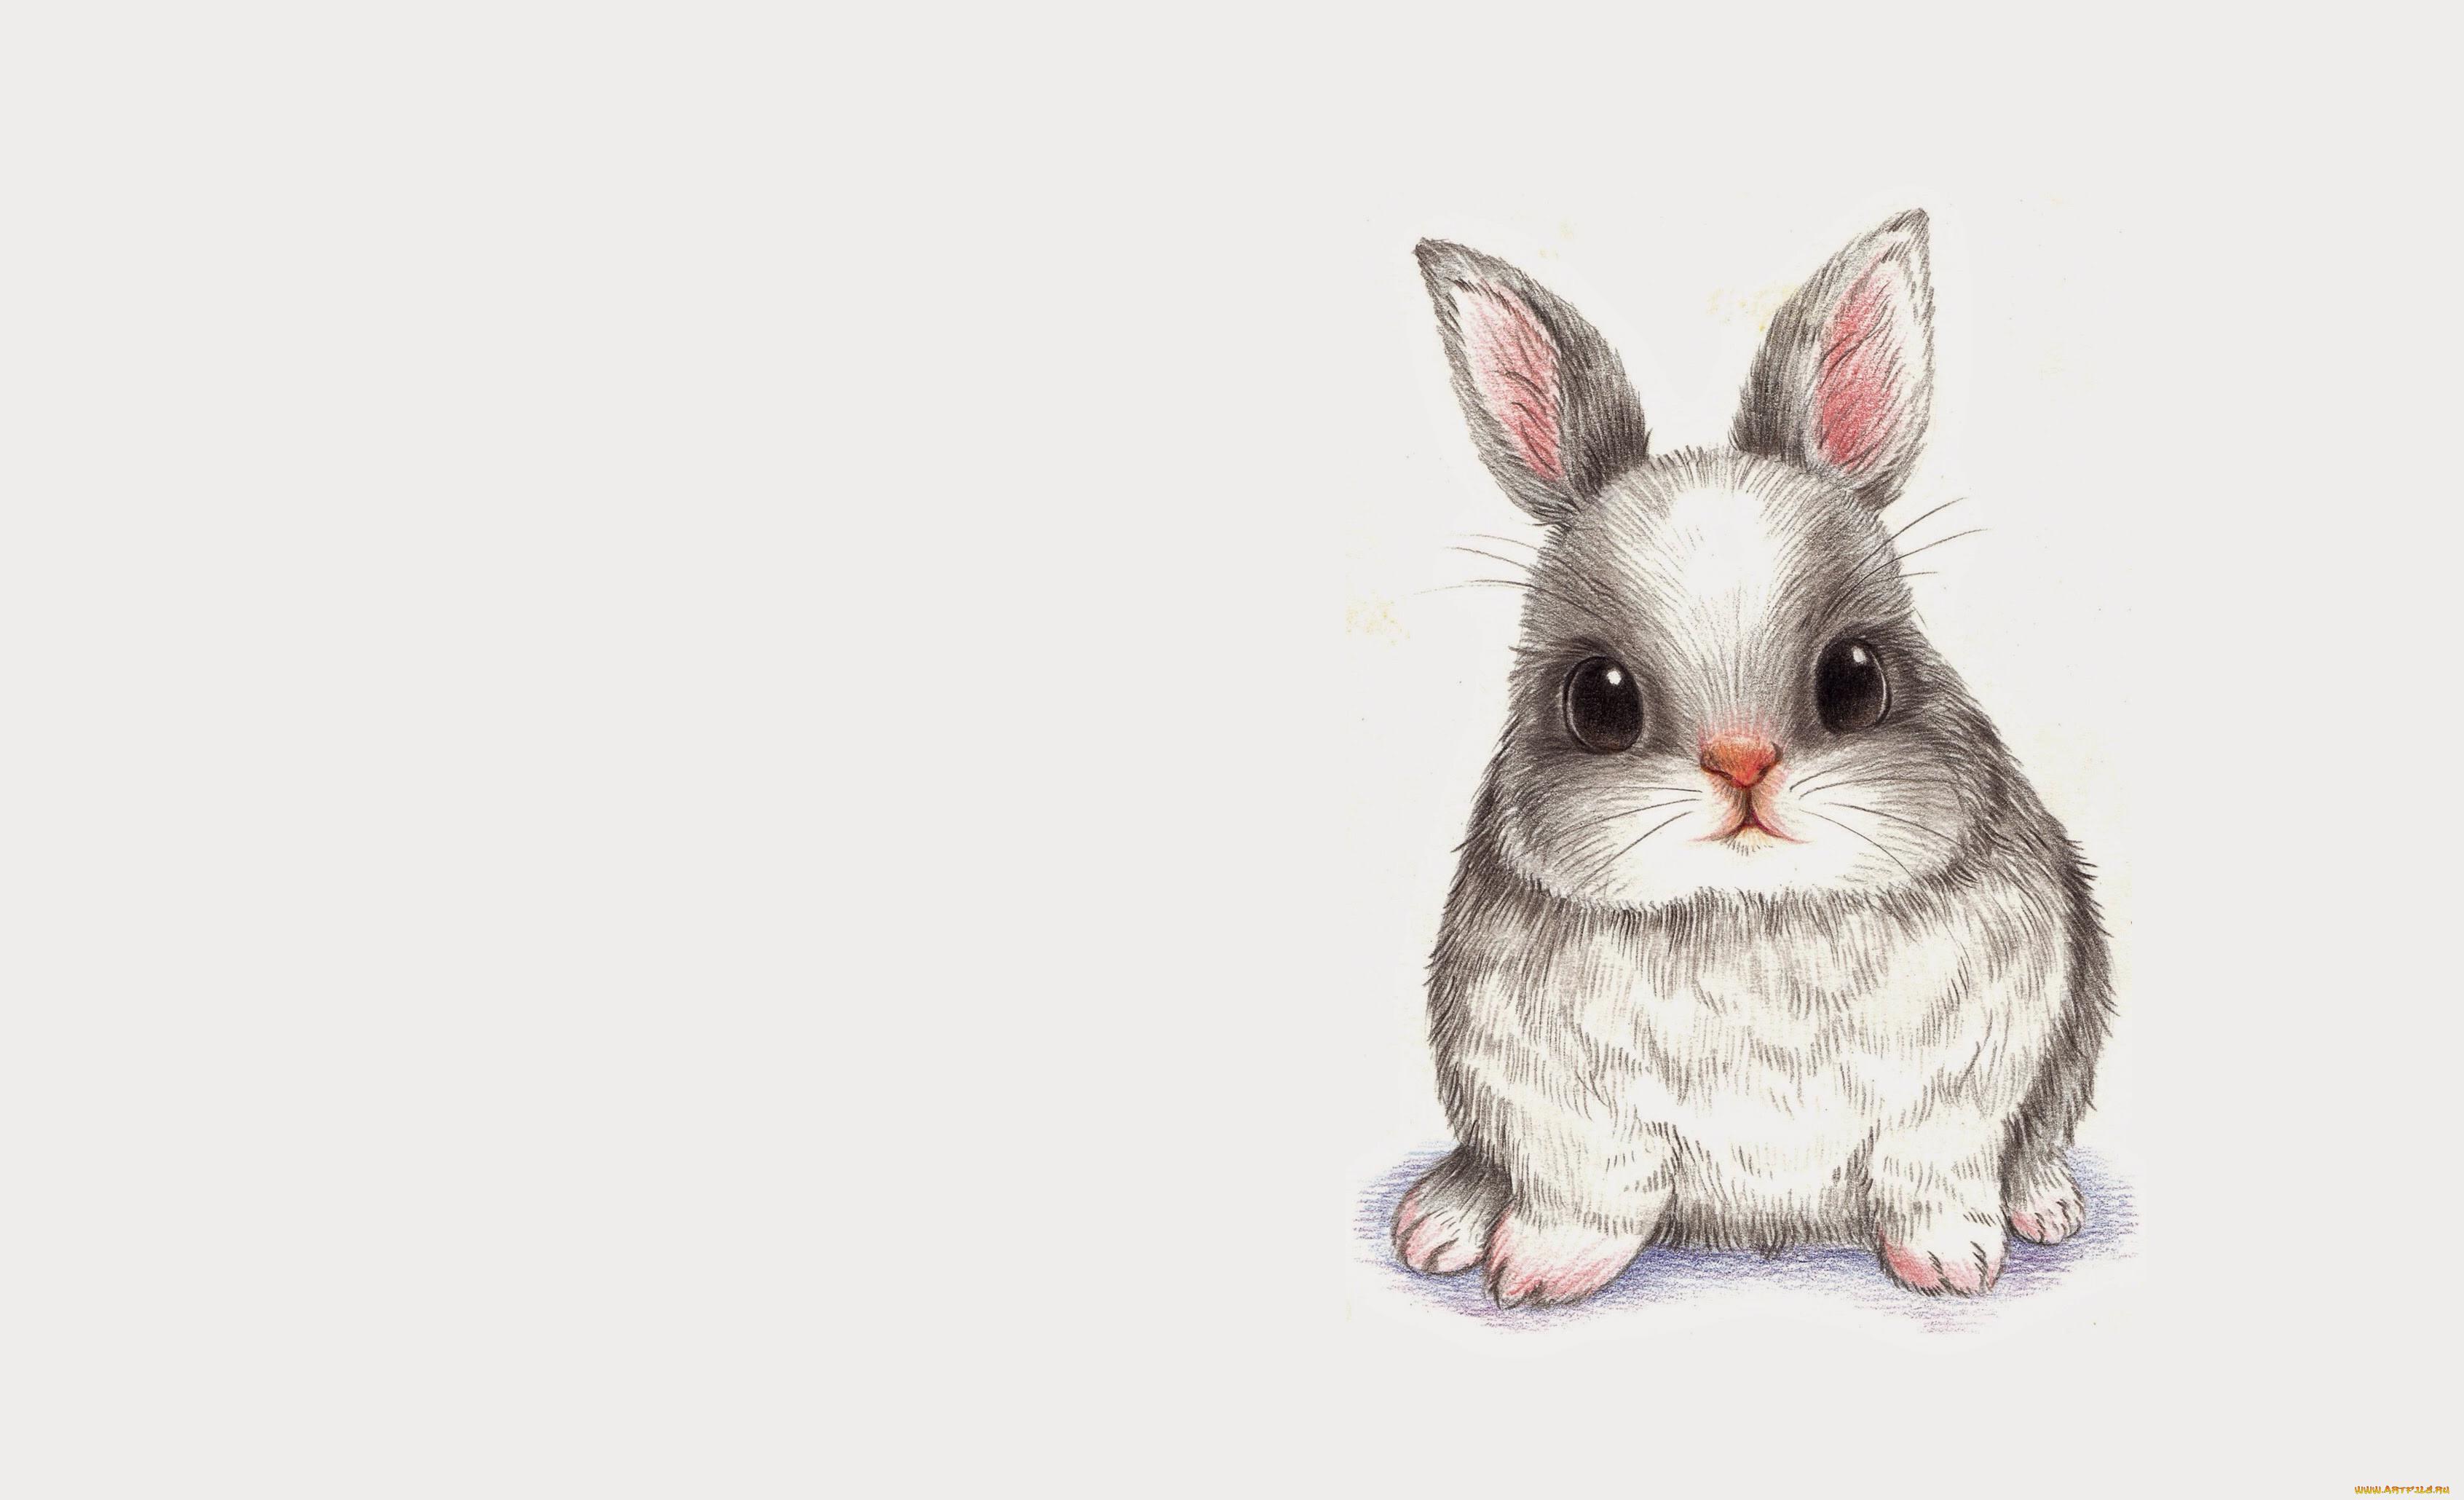 Рисунок с кроликом